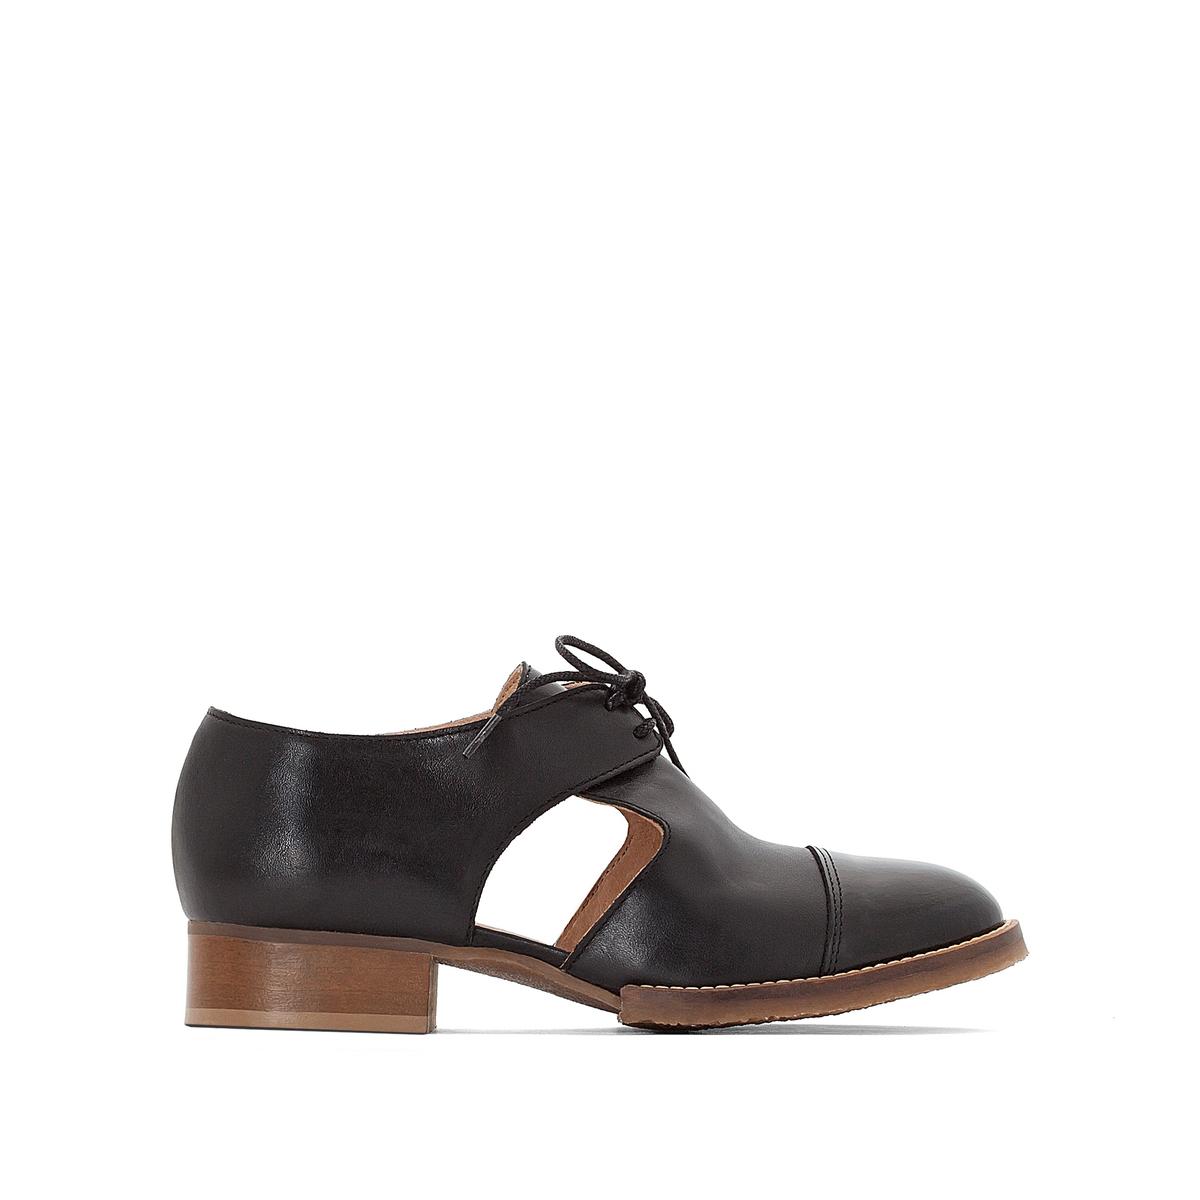 Ботинки-дерби кожаные AnoukВерх : кожа   Подкладка : кожа   Стелька : кожа   Подошва : эластомер   Высота каблука : 1 см   Форма каблука : плоский каблук   Мысок : закругленный мысок   Застежка : шнуровка<br><br>Цвет: черный<br>Размер: 36